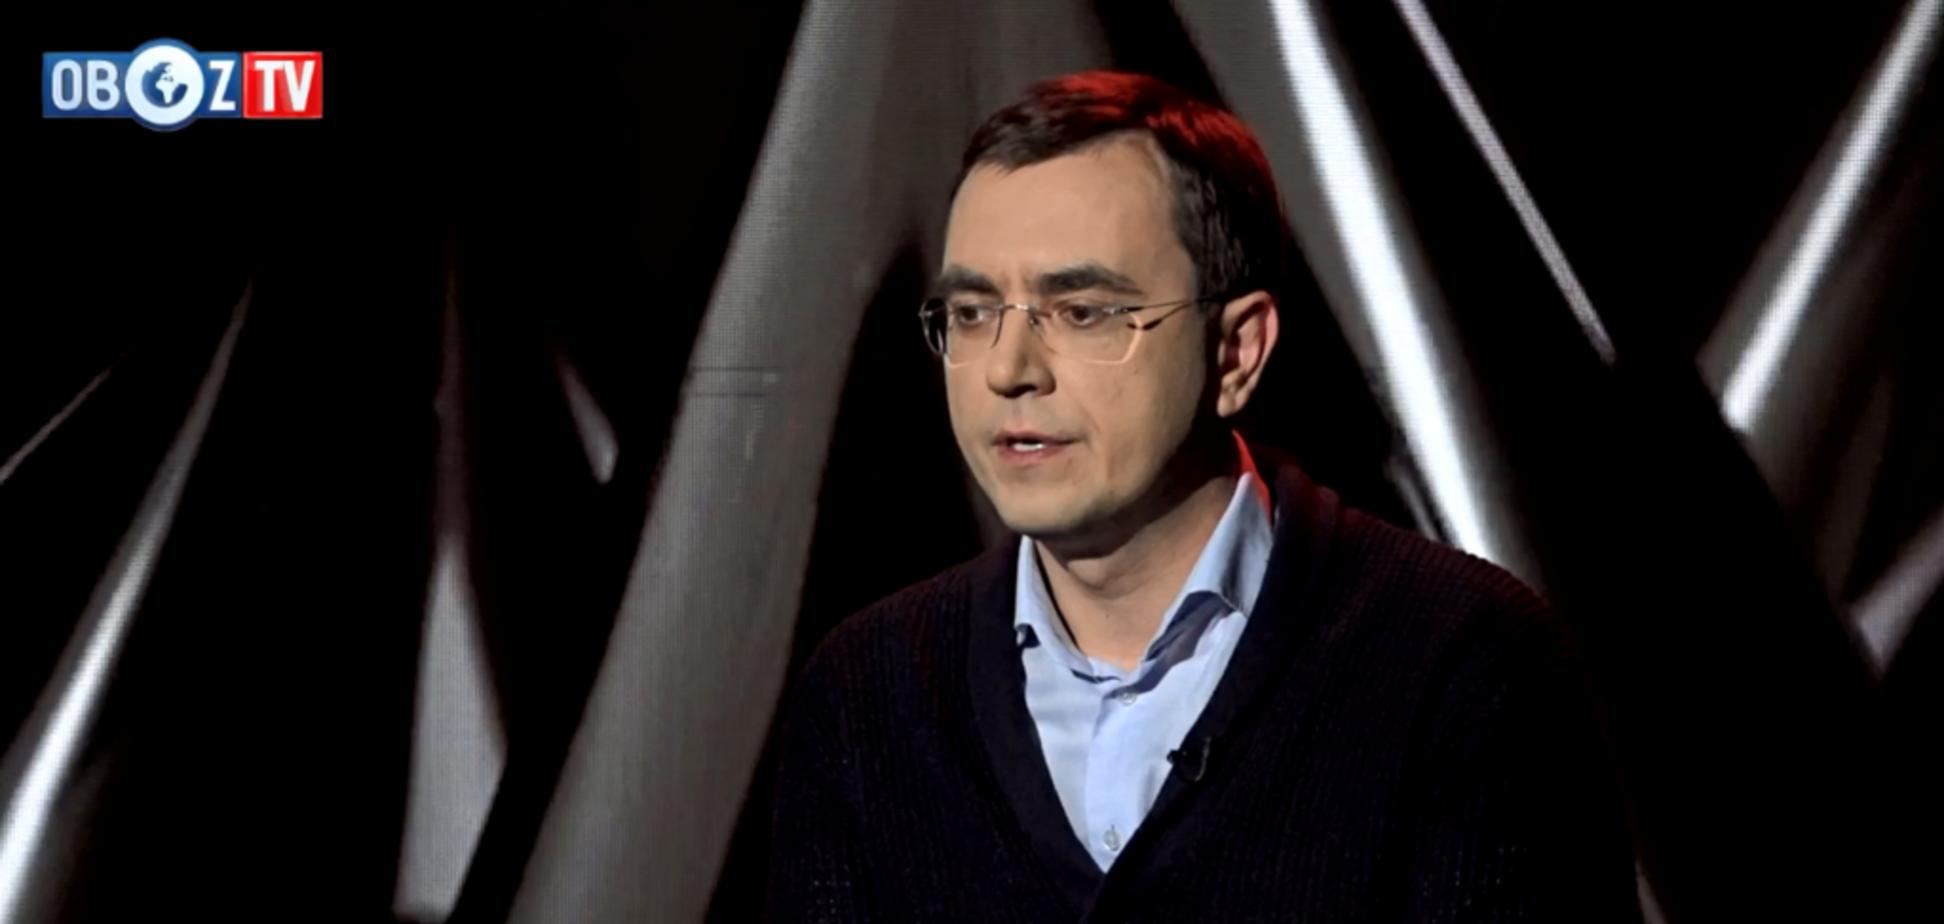 'Работают на подрыв Украины': Омелян сказал, кто стоит за 'Темным рыцарем' и 'Джокером'